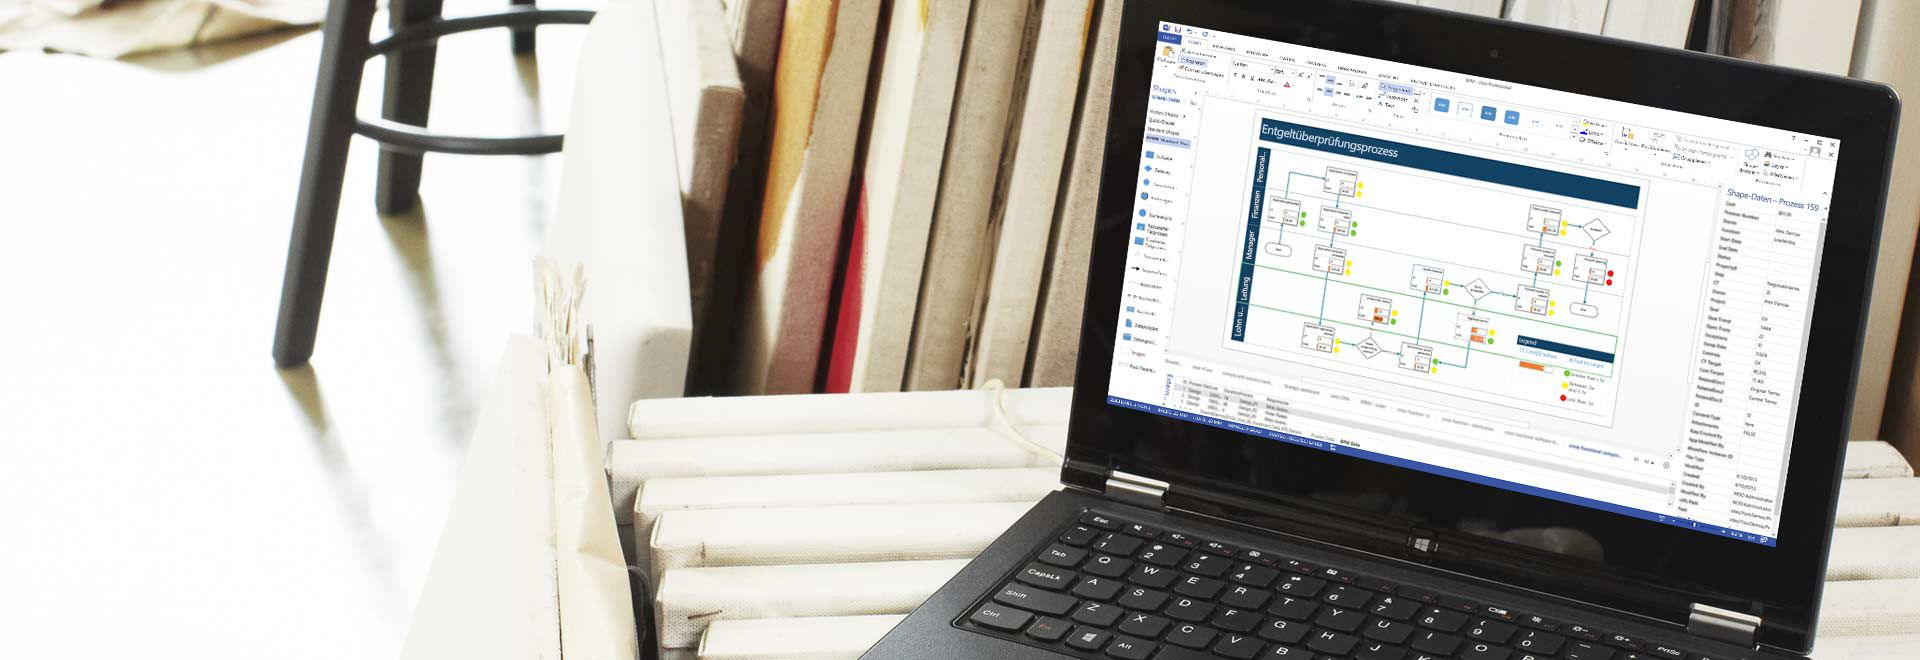 Ein Laptop mit einem Prozessablauf-Diagramm in Visio Pro für Office 365